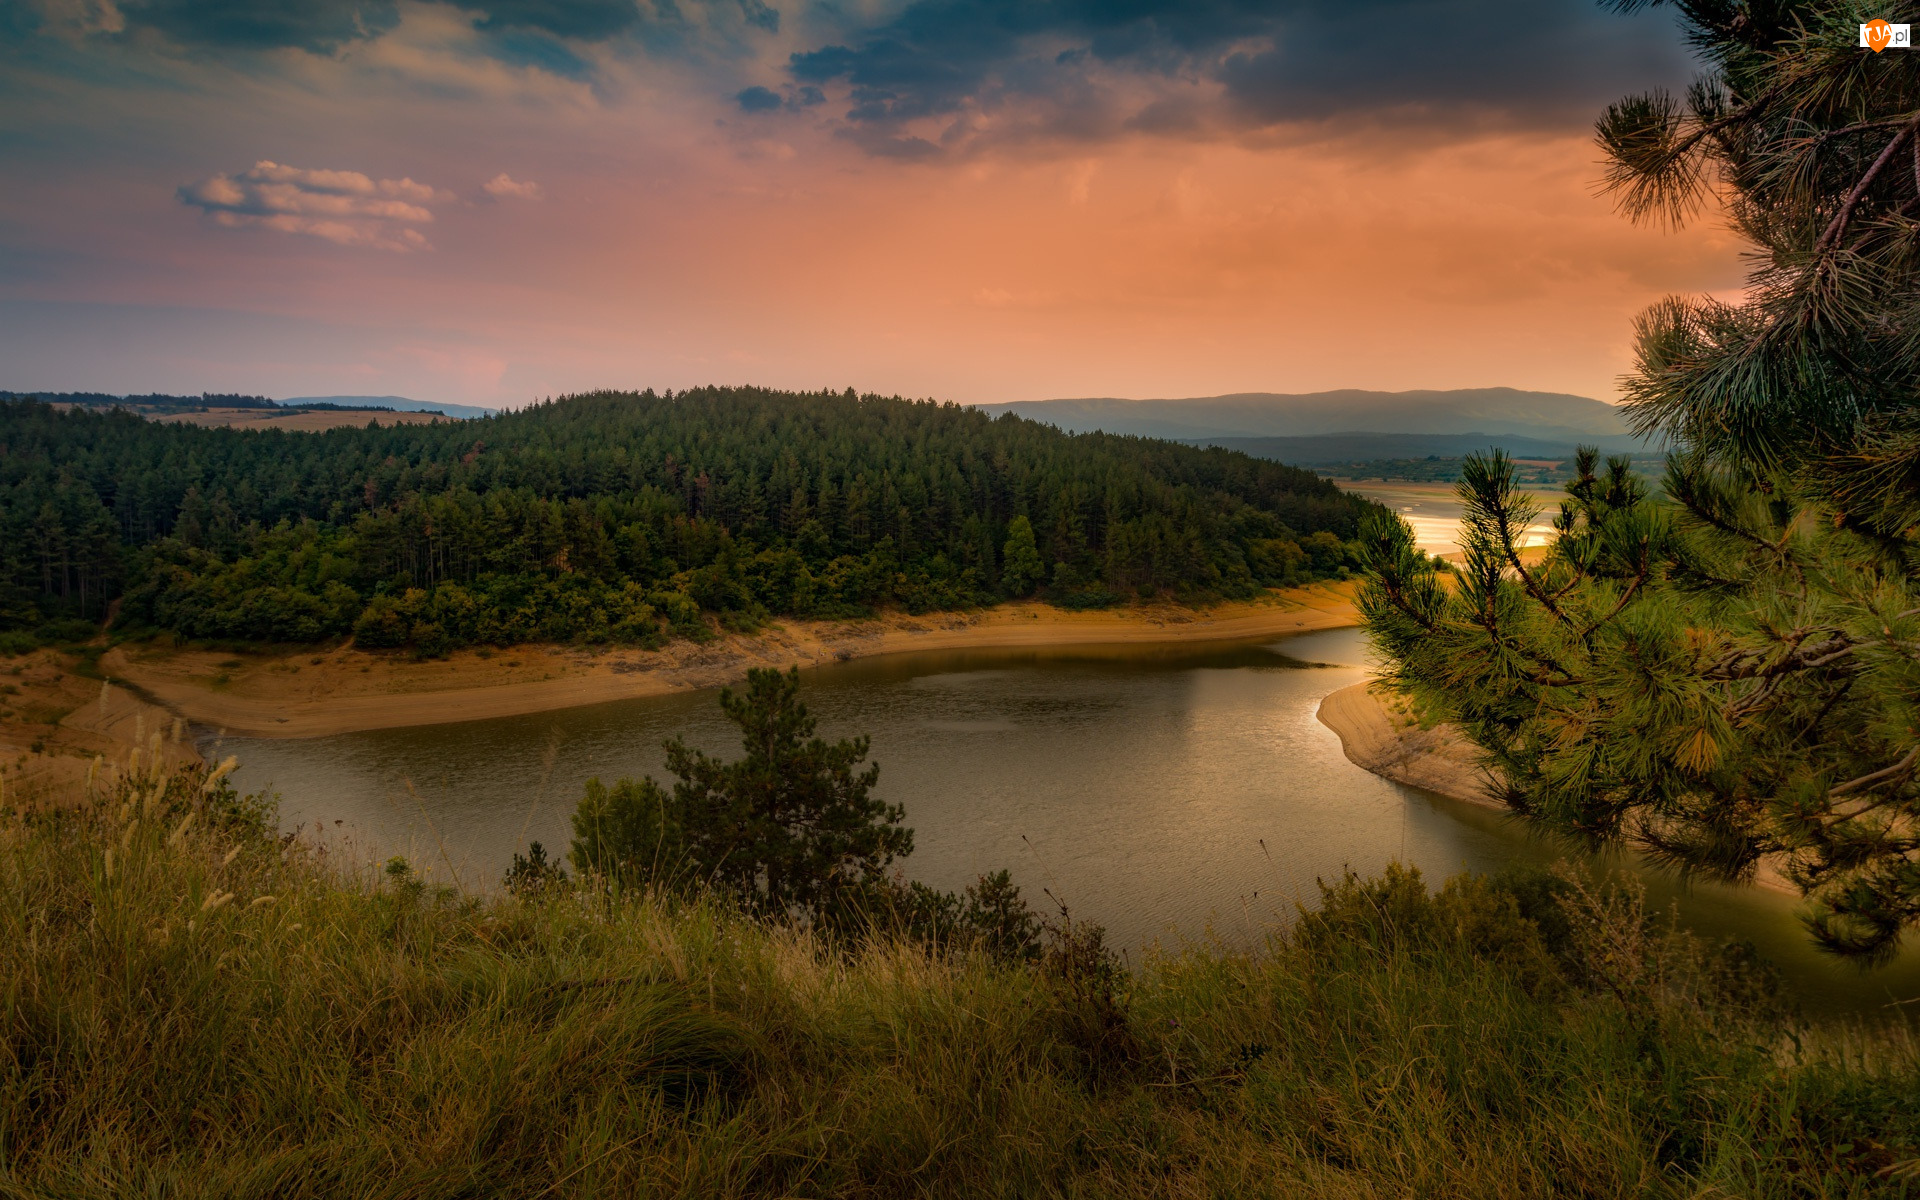 Drzewa, Jezioro, Chmury, Las, Wieczór, Zachód słońca, Trawa